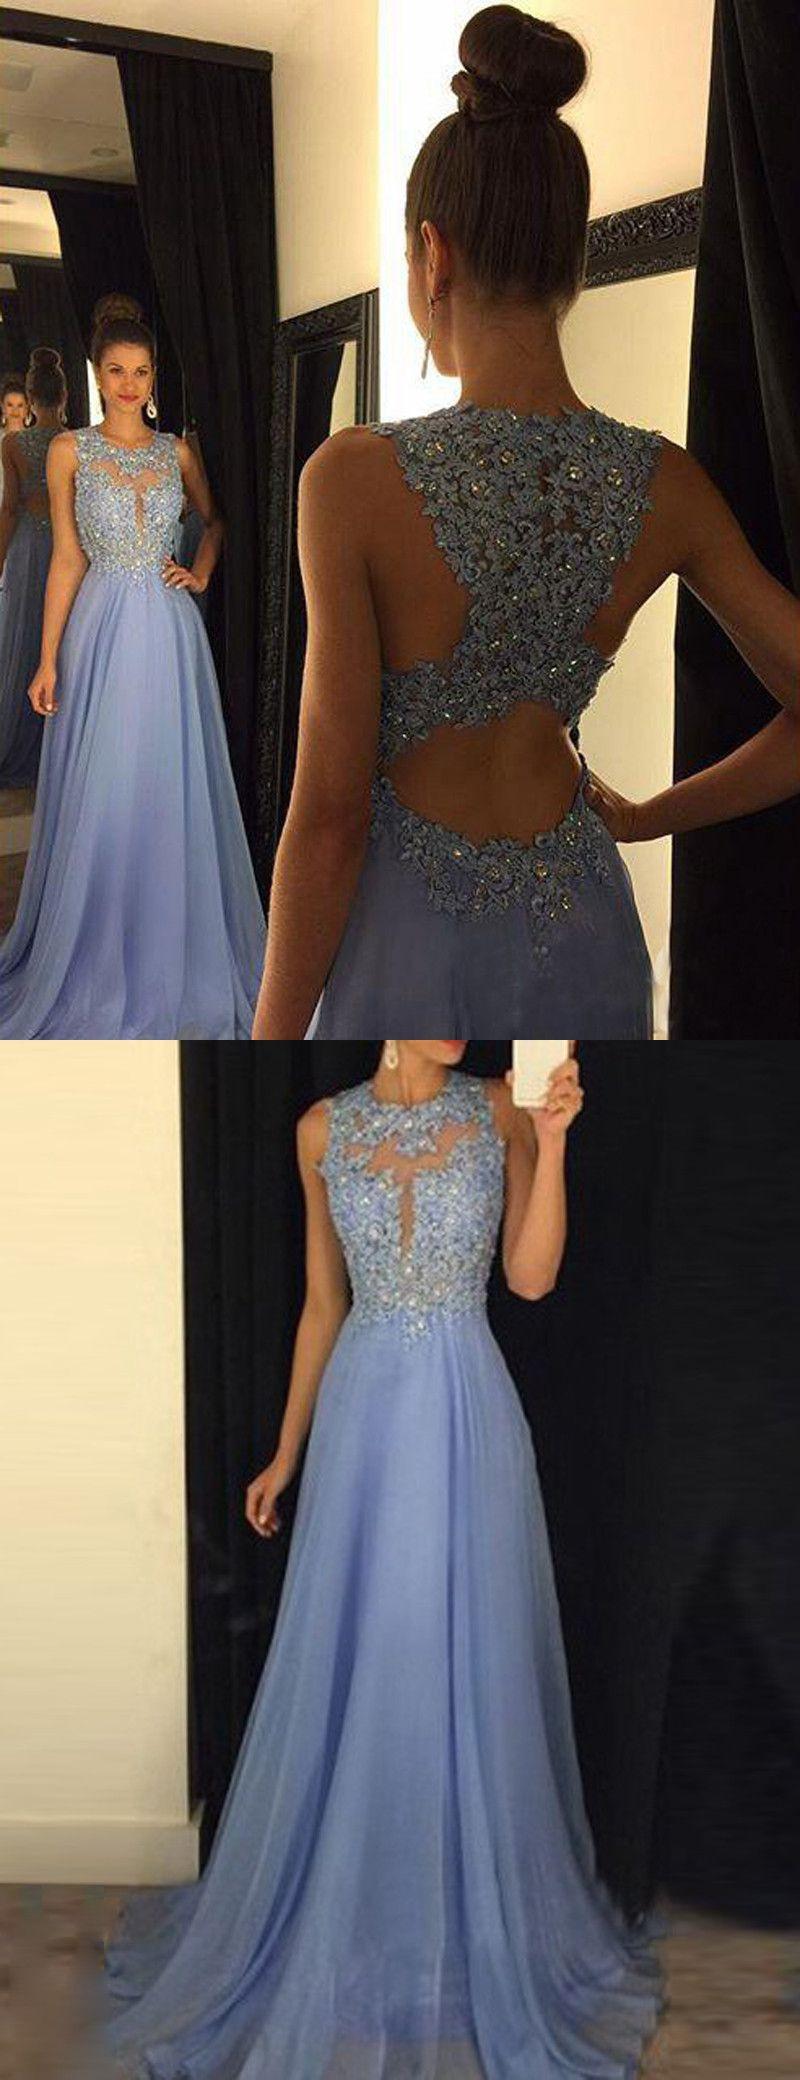 10 Elegant Abendkleid Elegant Boutique Luxus Abendkleid Elegant Spezialgebiet